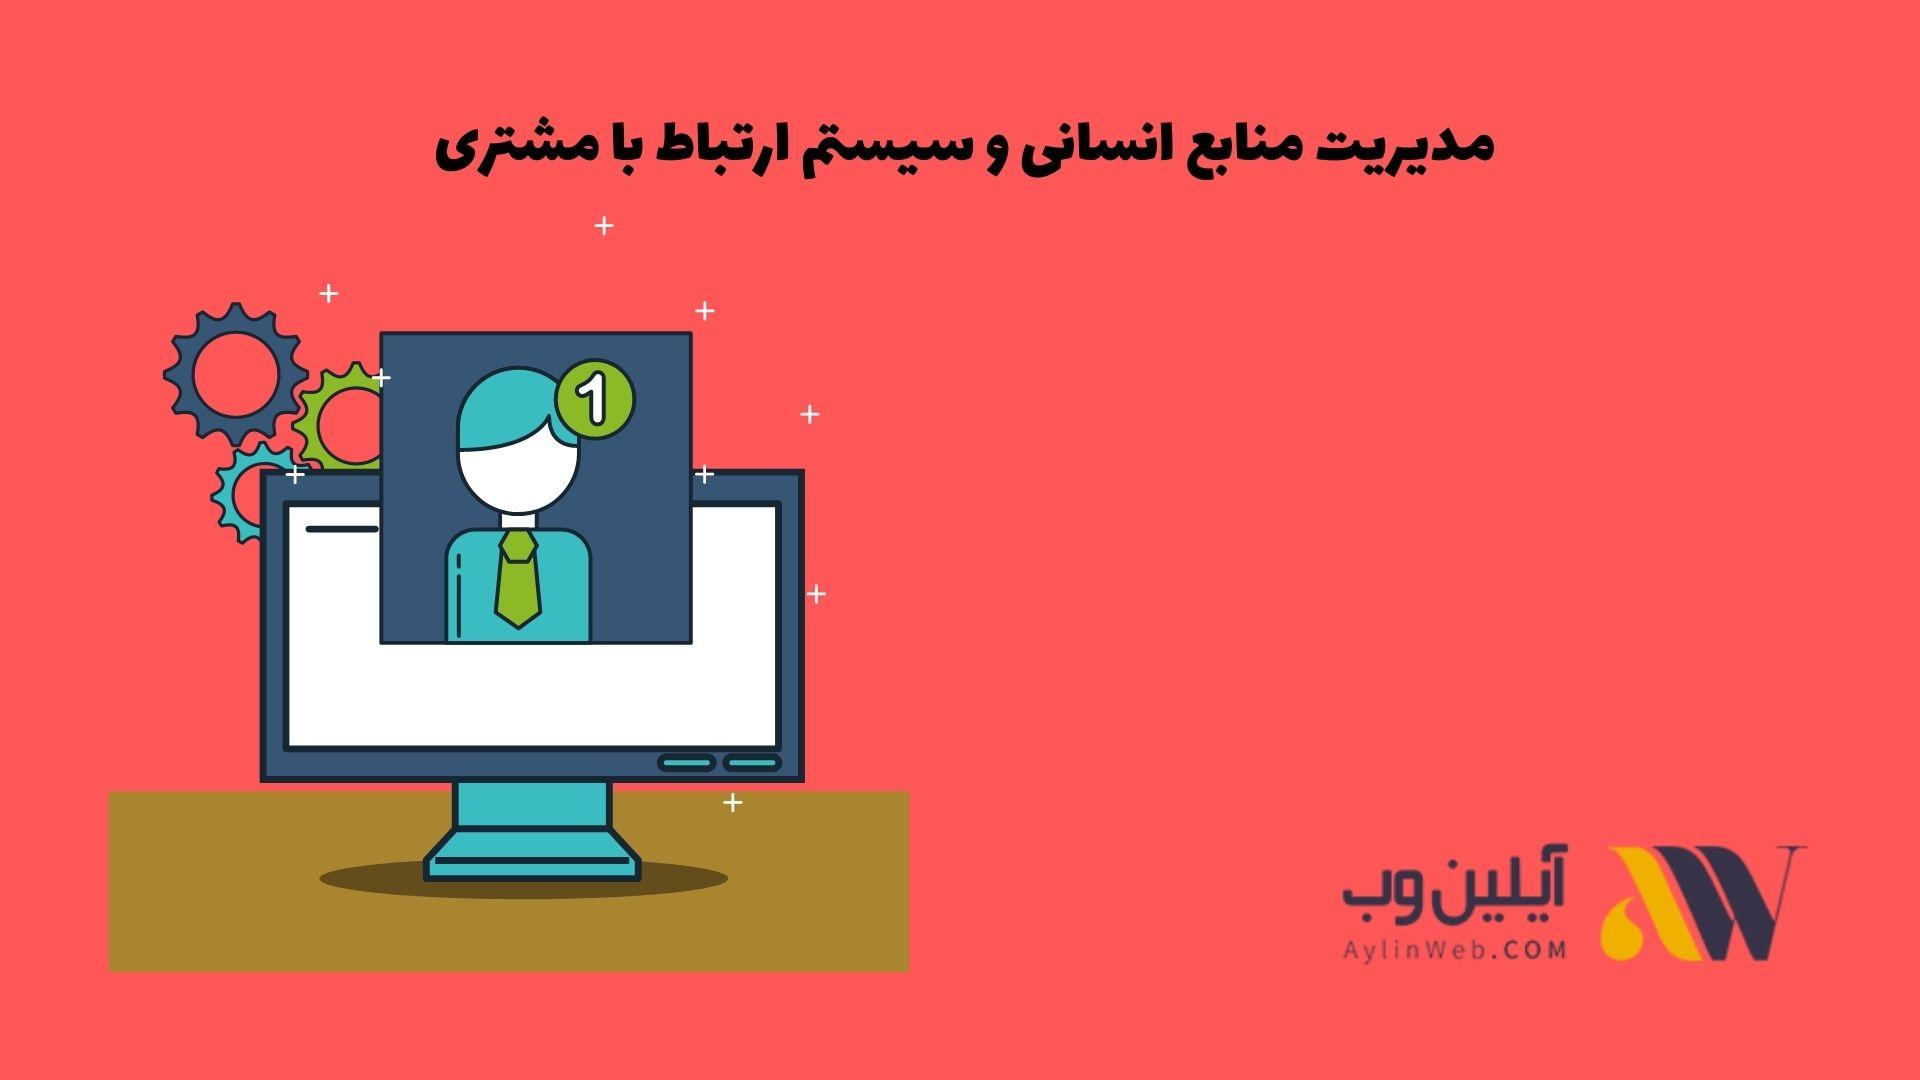 مدیریت منابع انسانی و سیستم ارتباط با مشتری